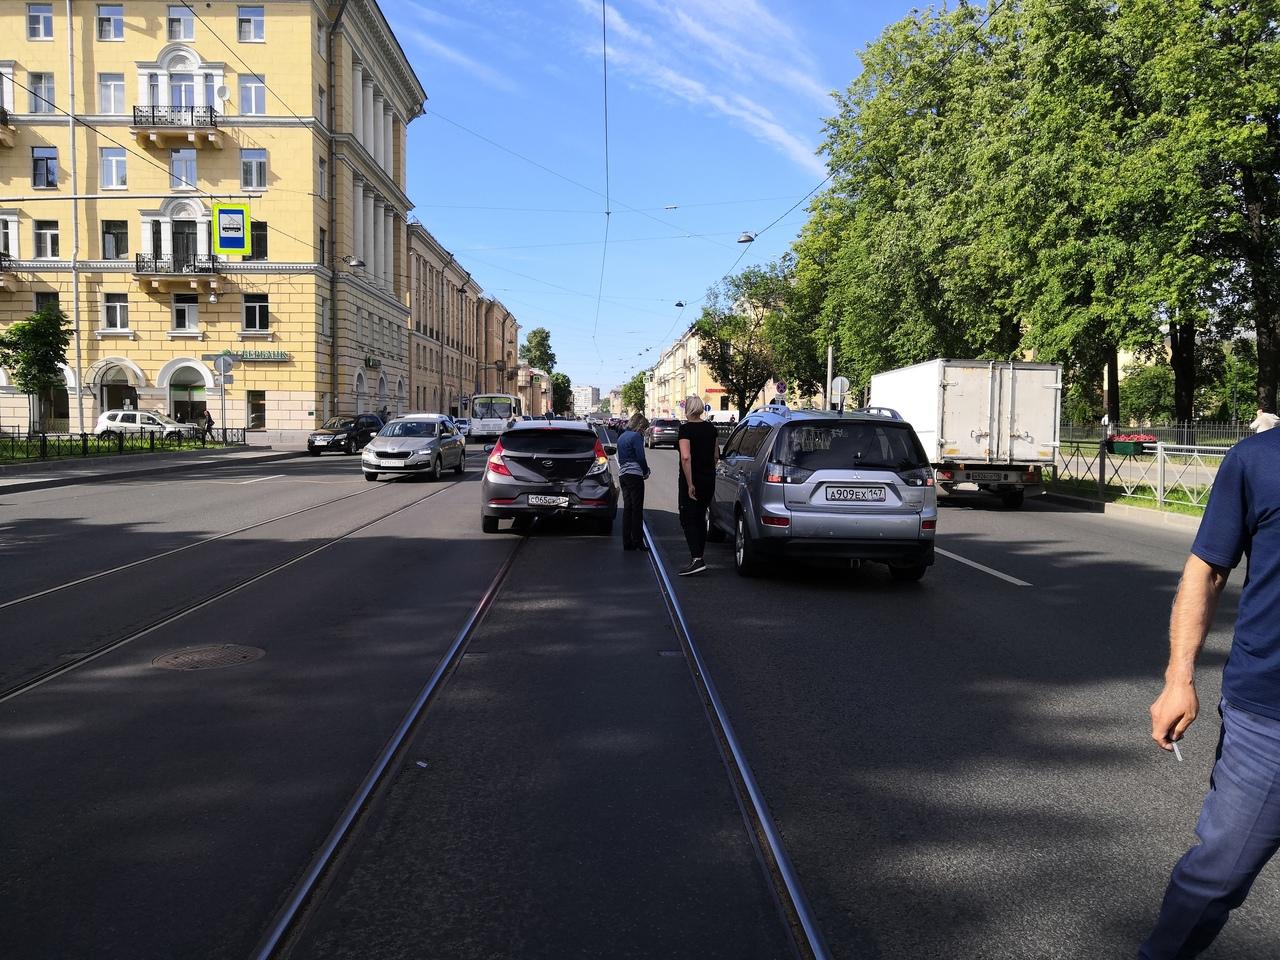 Ищу свидетелей и видео ДТП из трёх машин. ДТП произошло 15 июня около 16.20 по адресу Среднеохтиский...